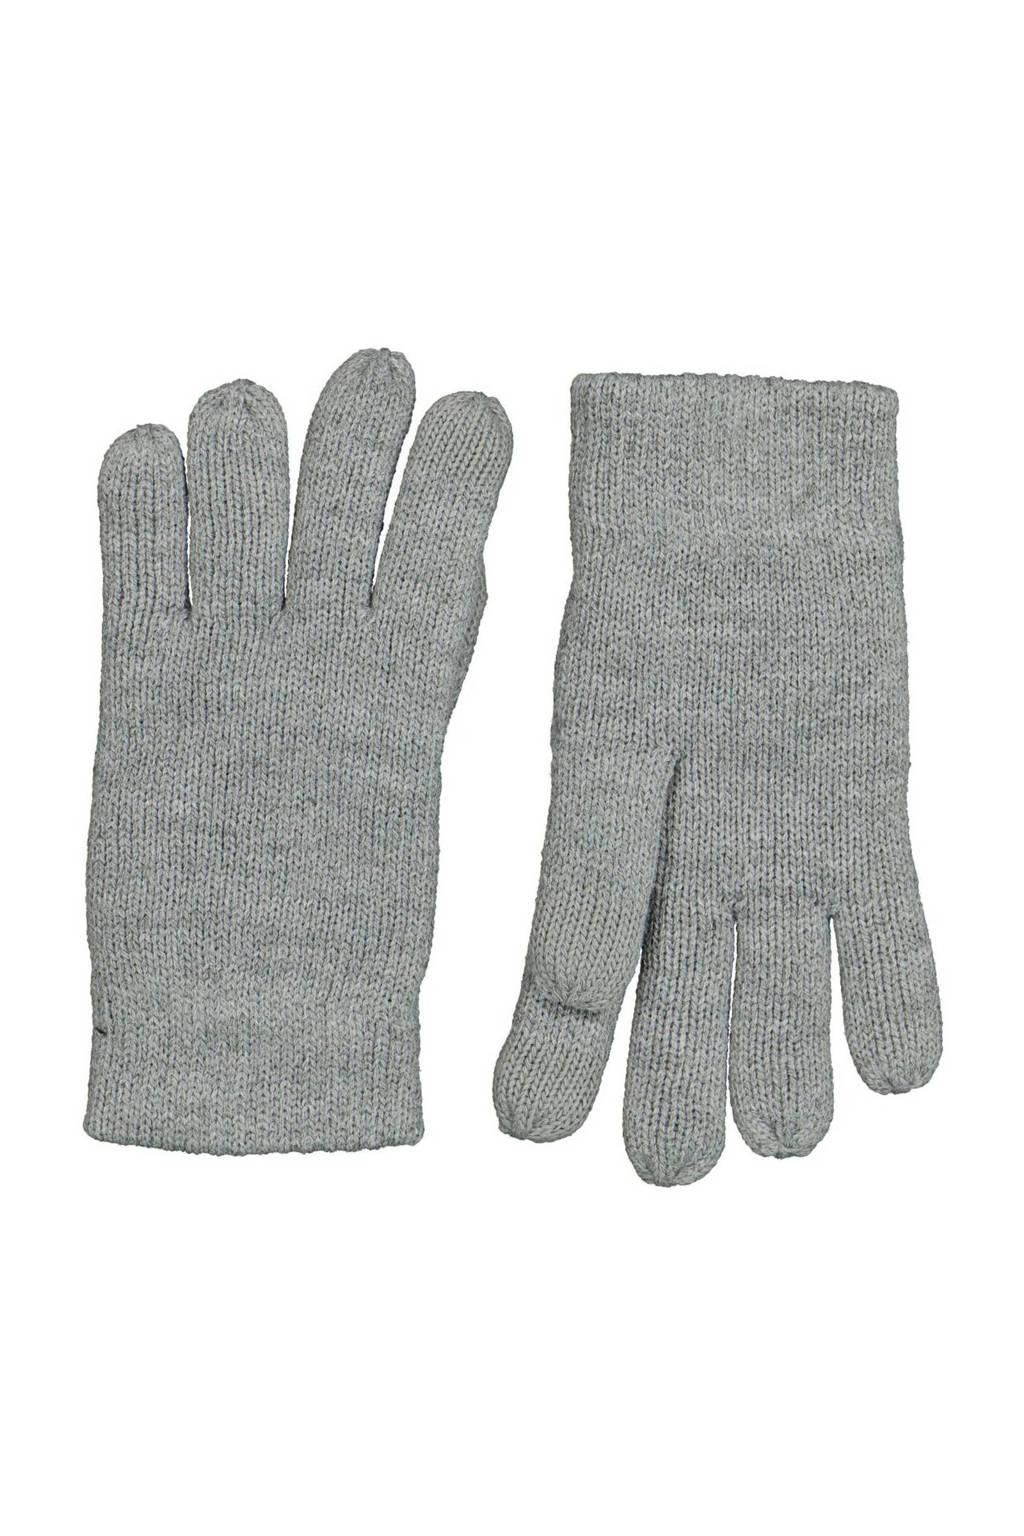 HEMA kinder handschoenen touchscreen grijsmelange, Grijs